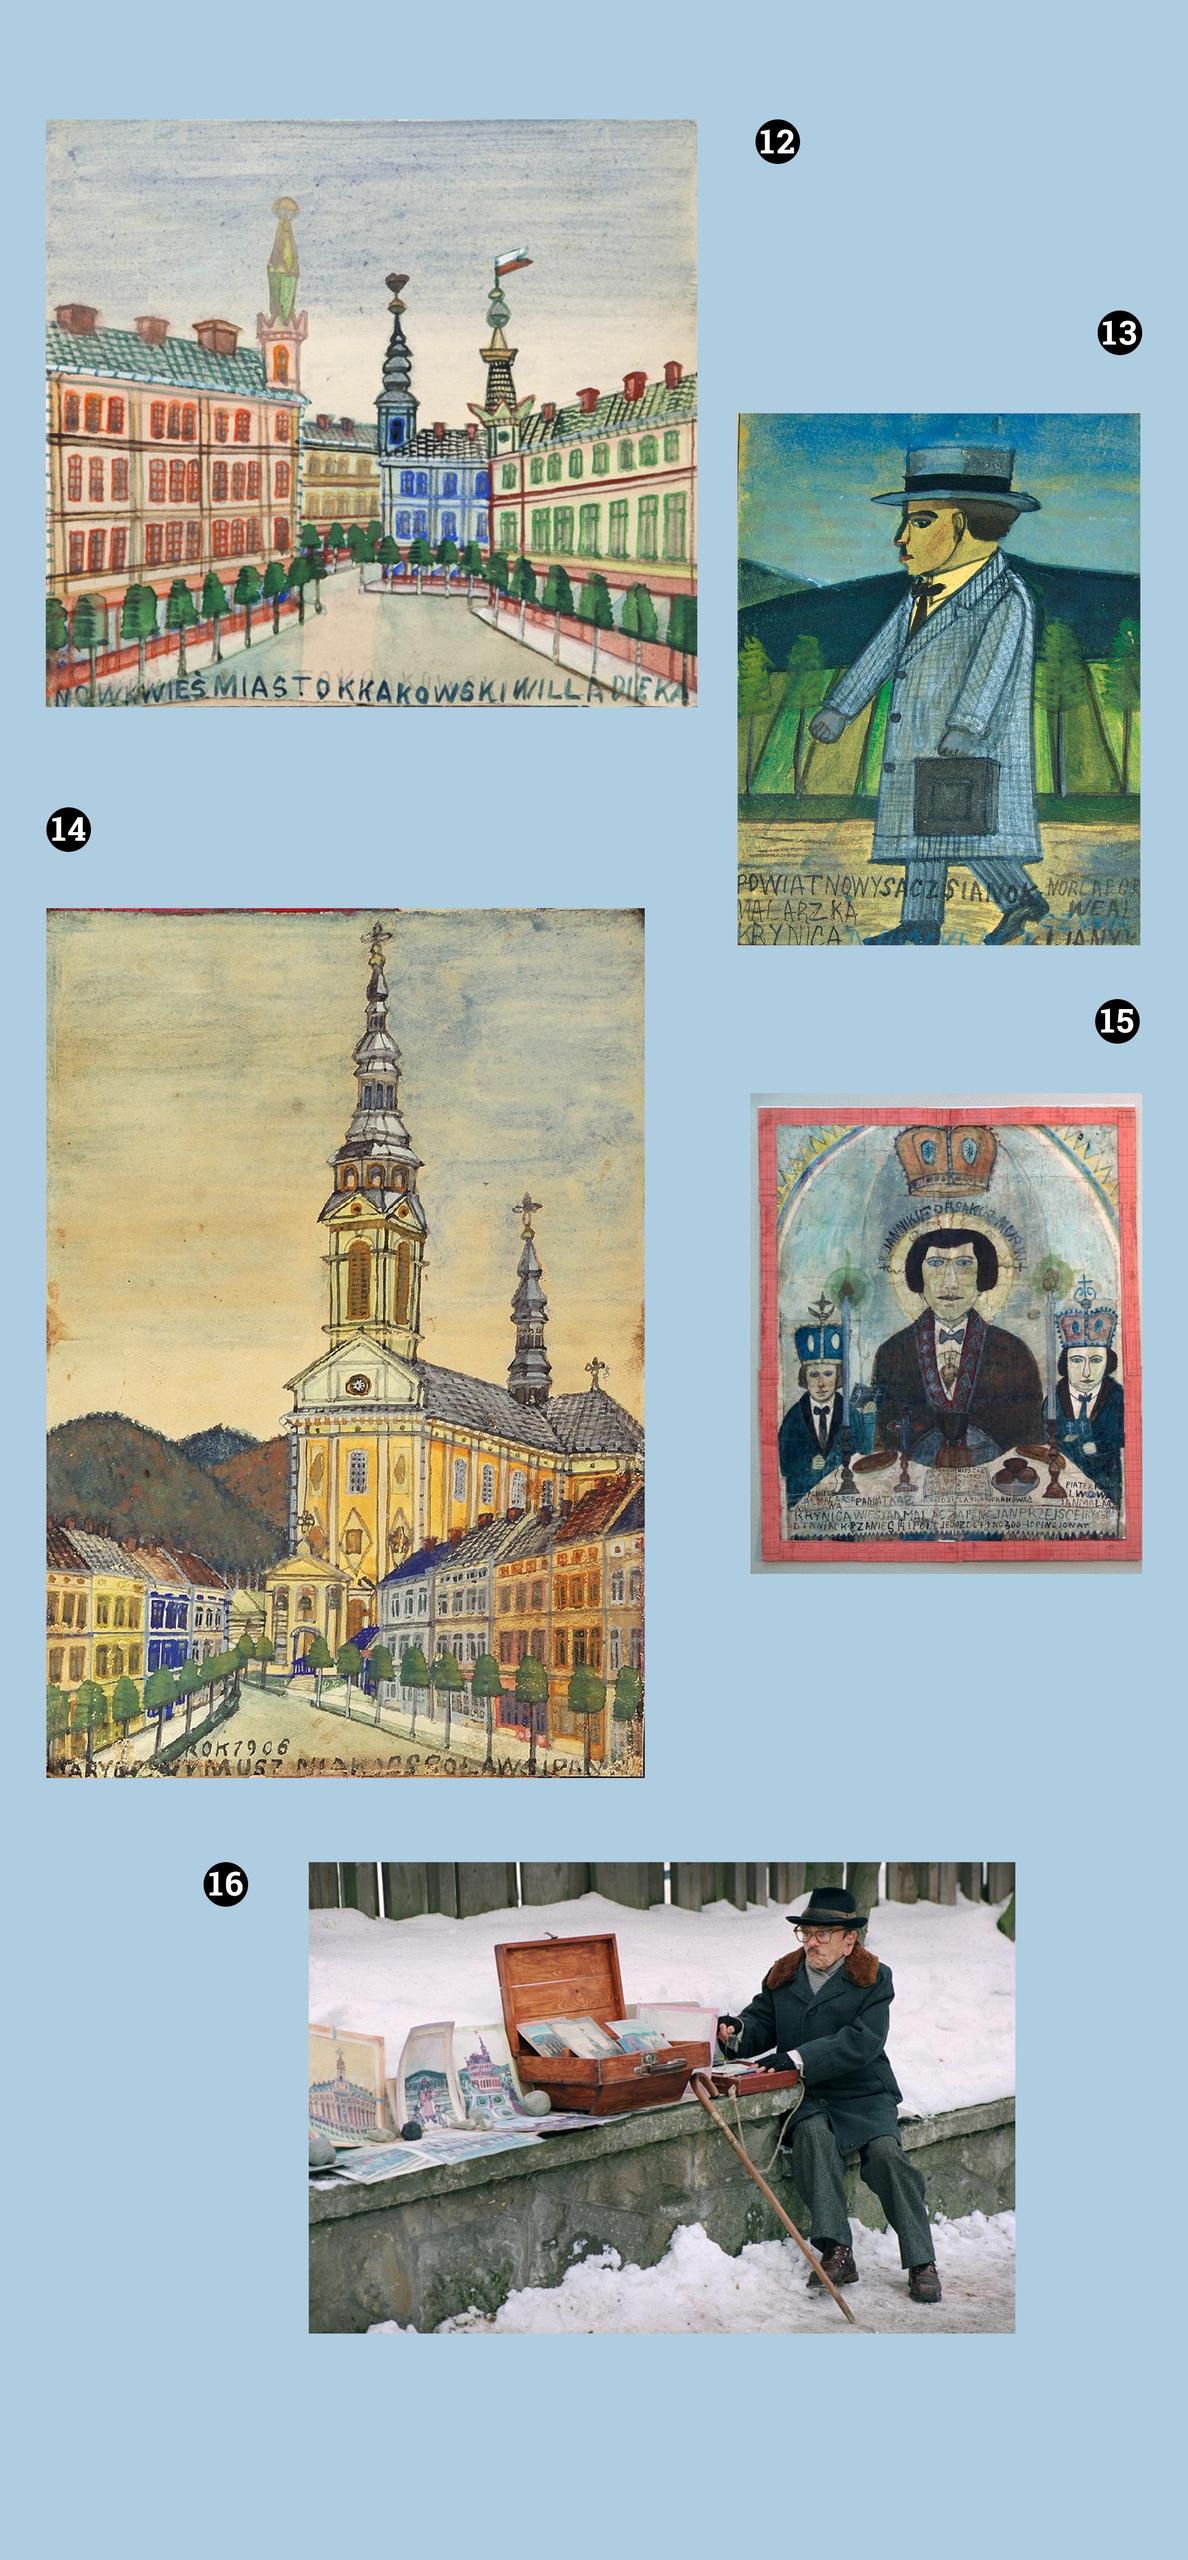 Obraz przedstawia pięć zdjęć na błękitnym tle. Na czterech z nich widzimy obrazy znanego artysty. Piąte zdjęcie przedstawia siedzącą postać w zimowej scenerii.